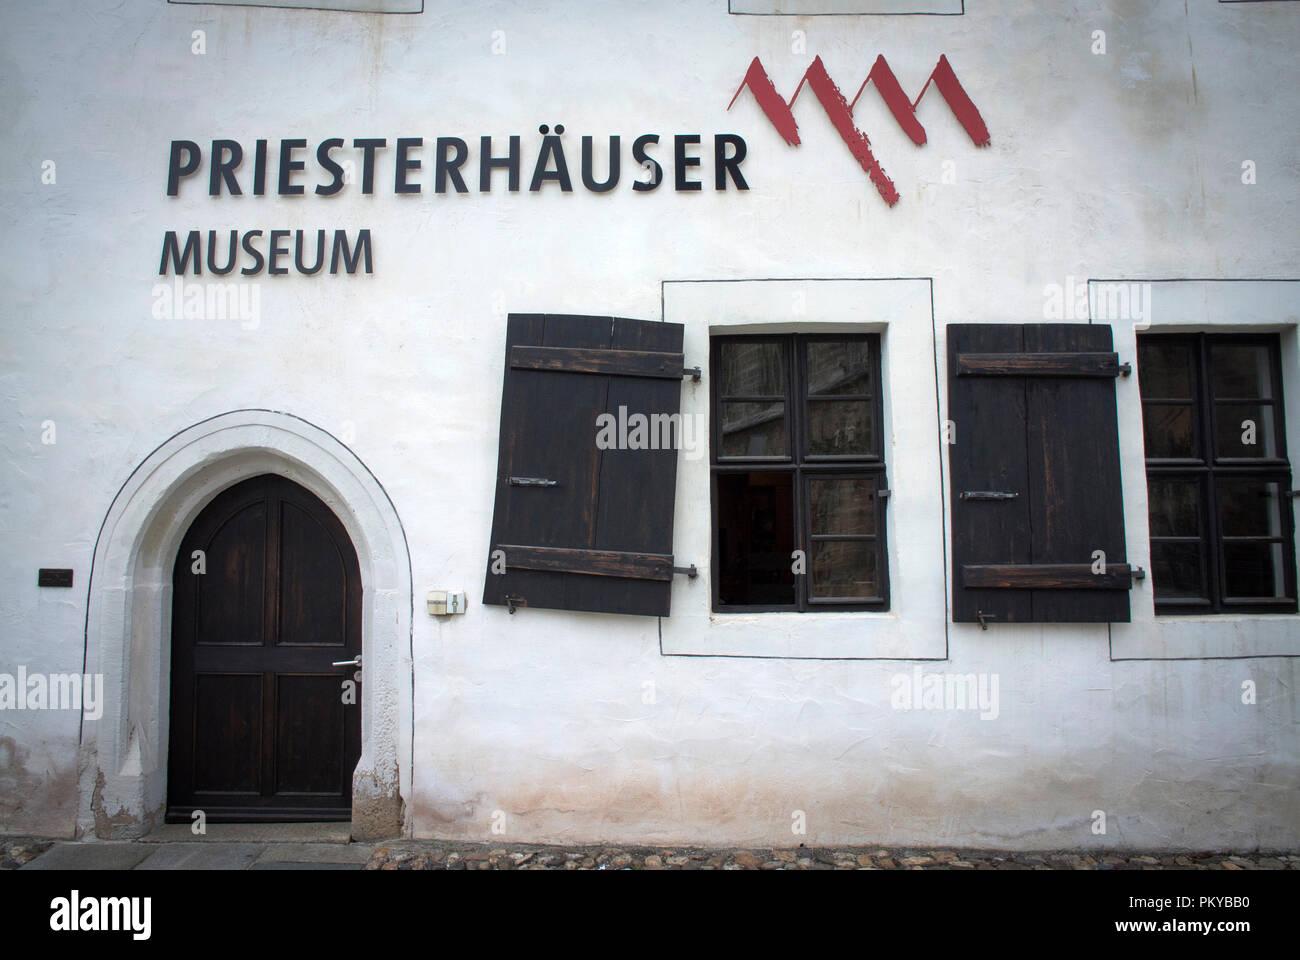 El Museo Priesterhauser en Zwickau, Sajonia, Alemania Imagen De Stock